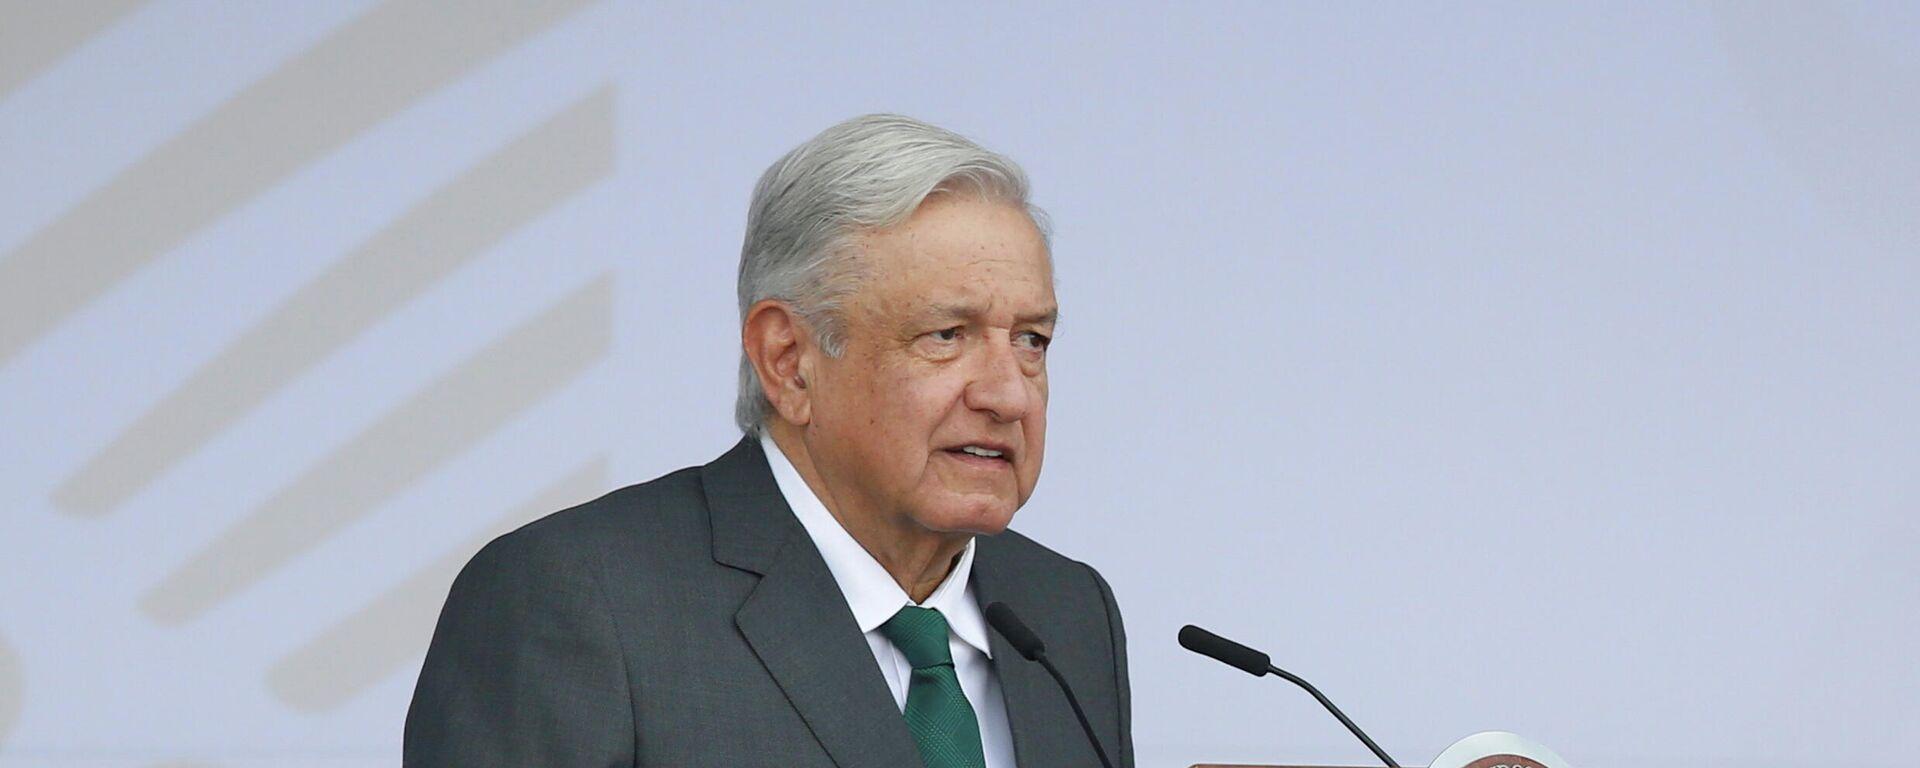 Andrés Manuel López Obrador, presidente de México - Sputnik Mundo, 1920, 21.09.2021